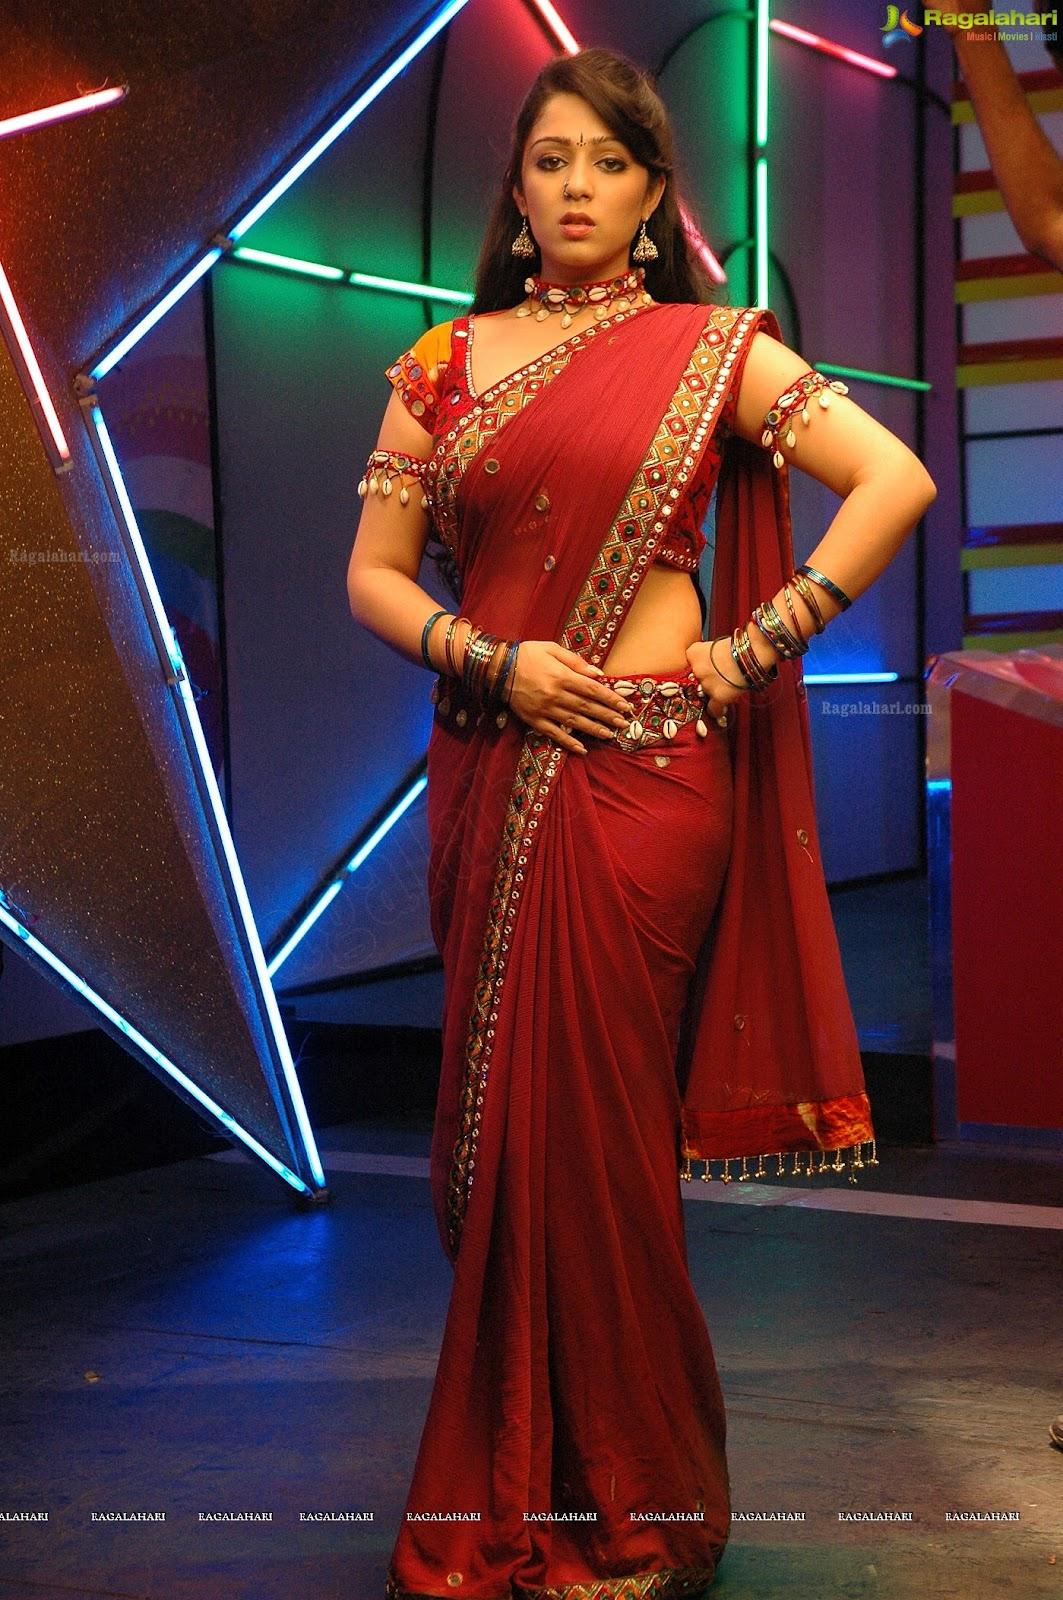 Spicy Saree: Indian Actress Charmi Hot Photos In Red Saree